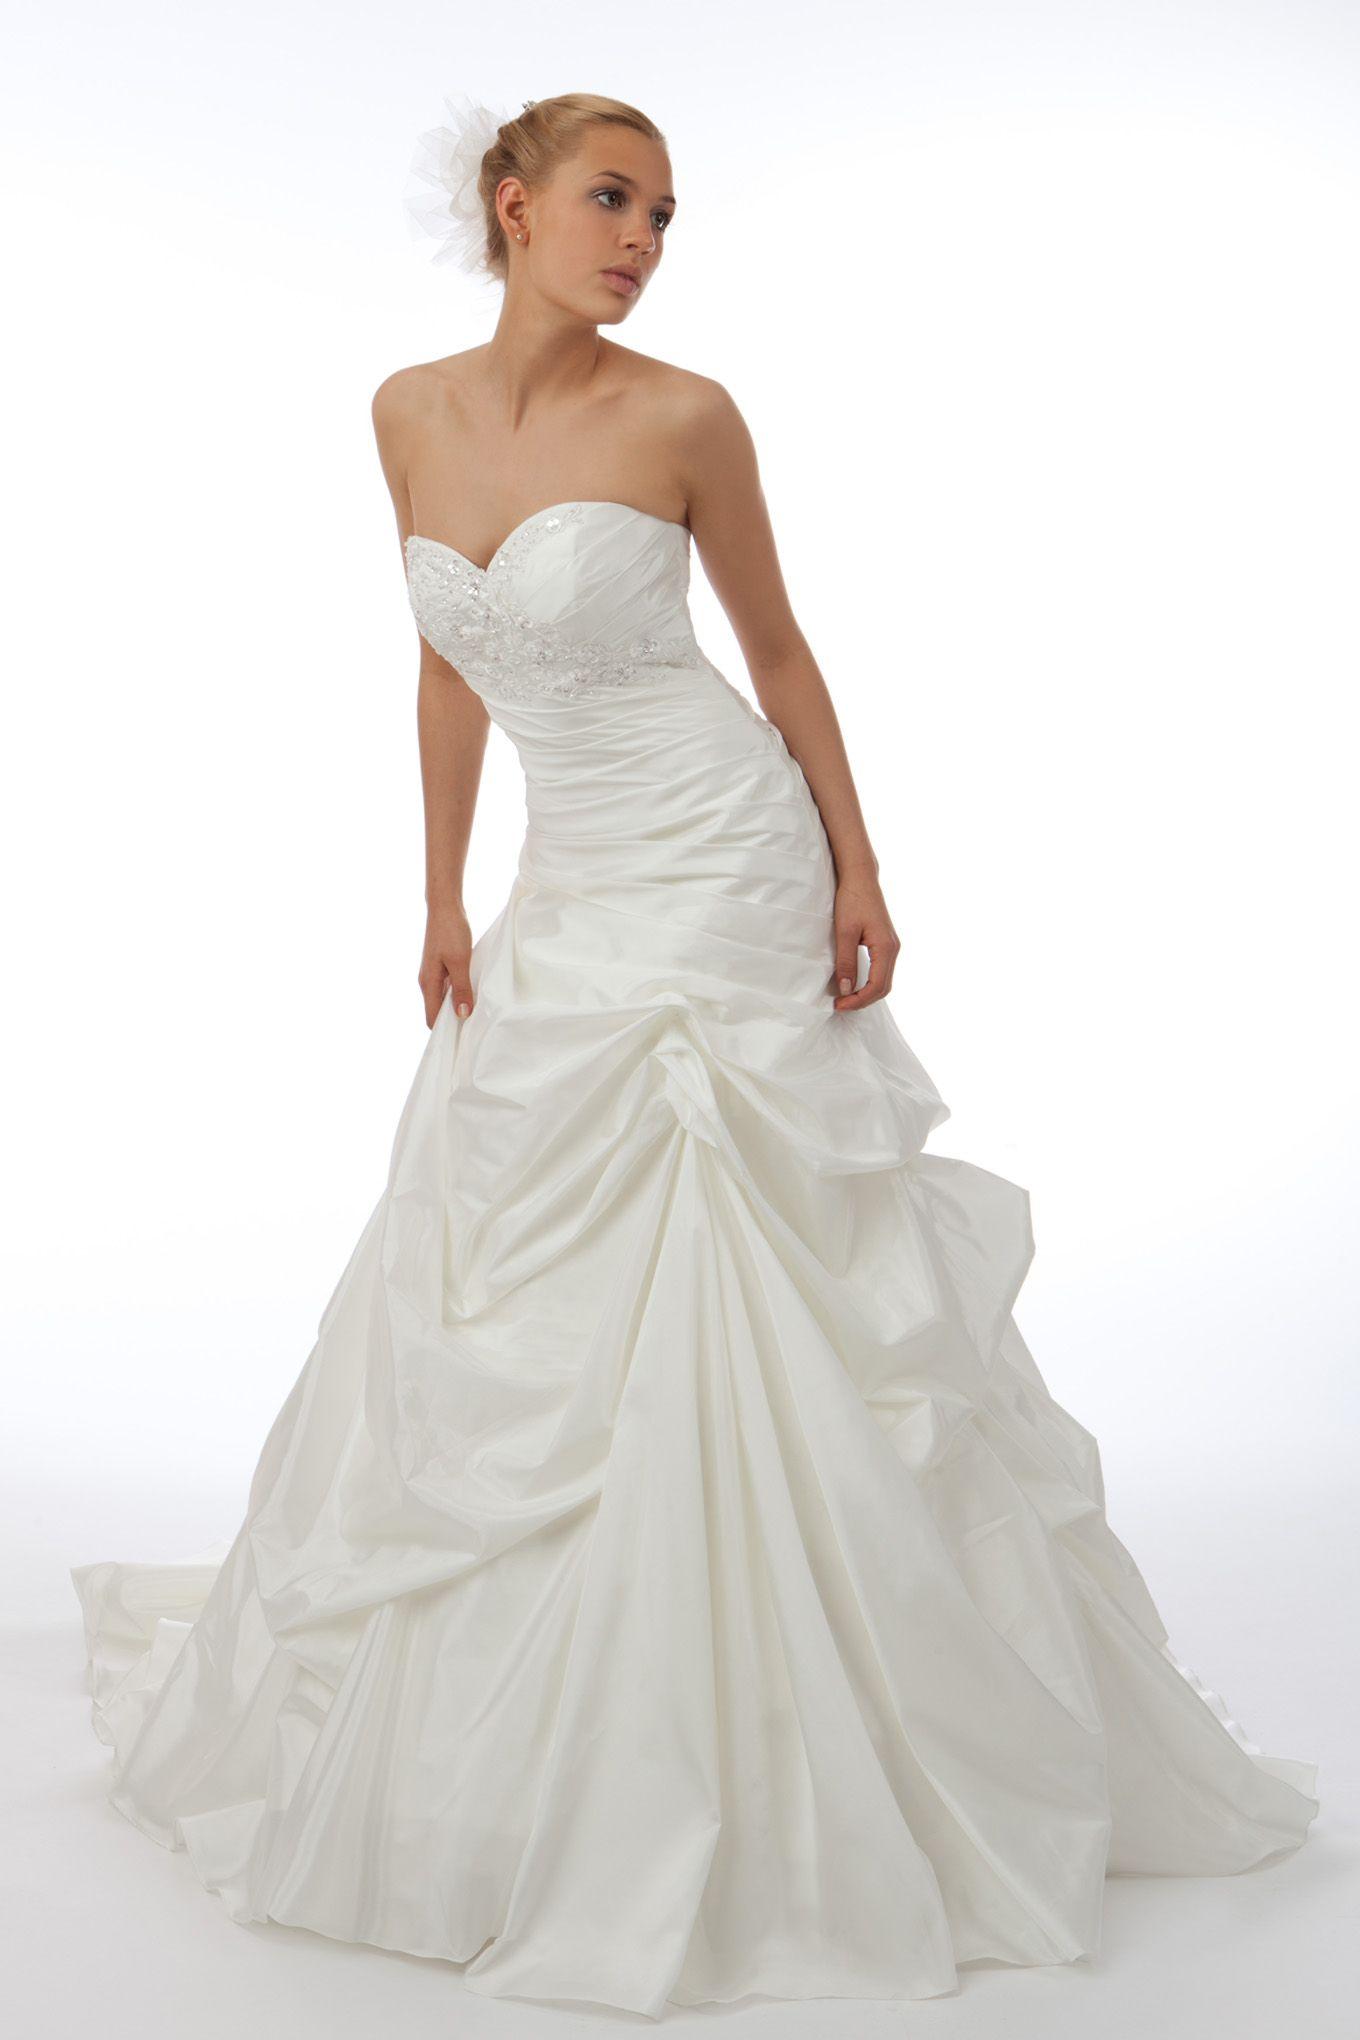 Canelli - IME GmbH Brautmoden - Elegante Hochzeitskleider ...